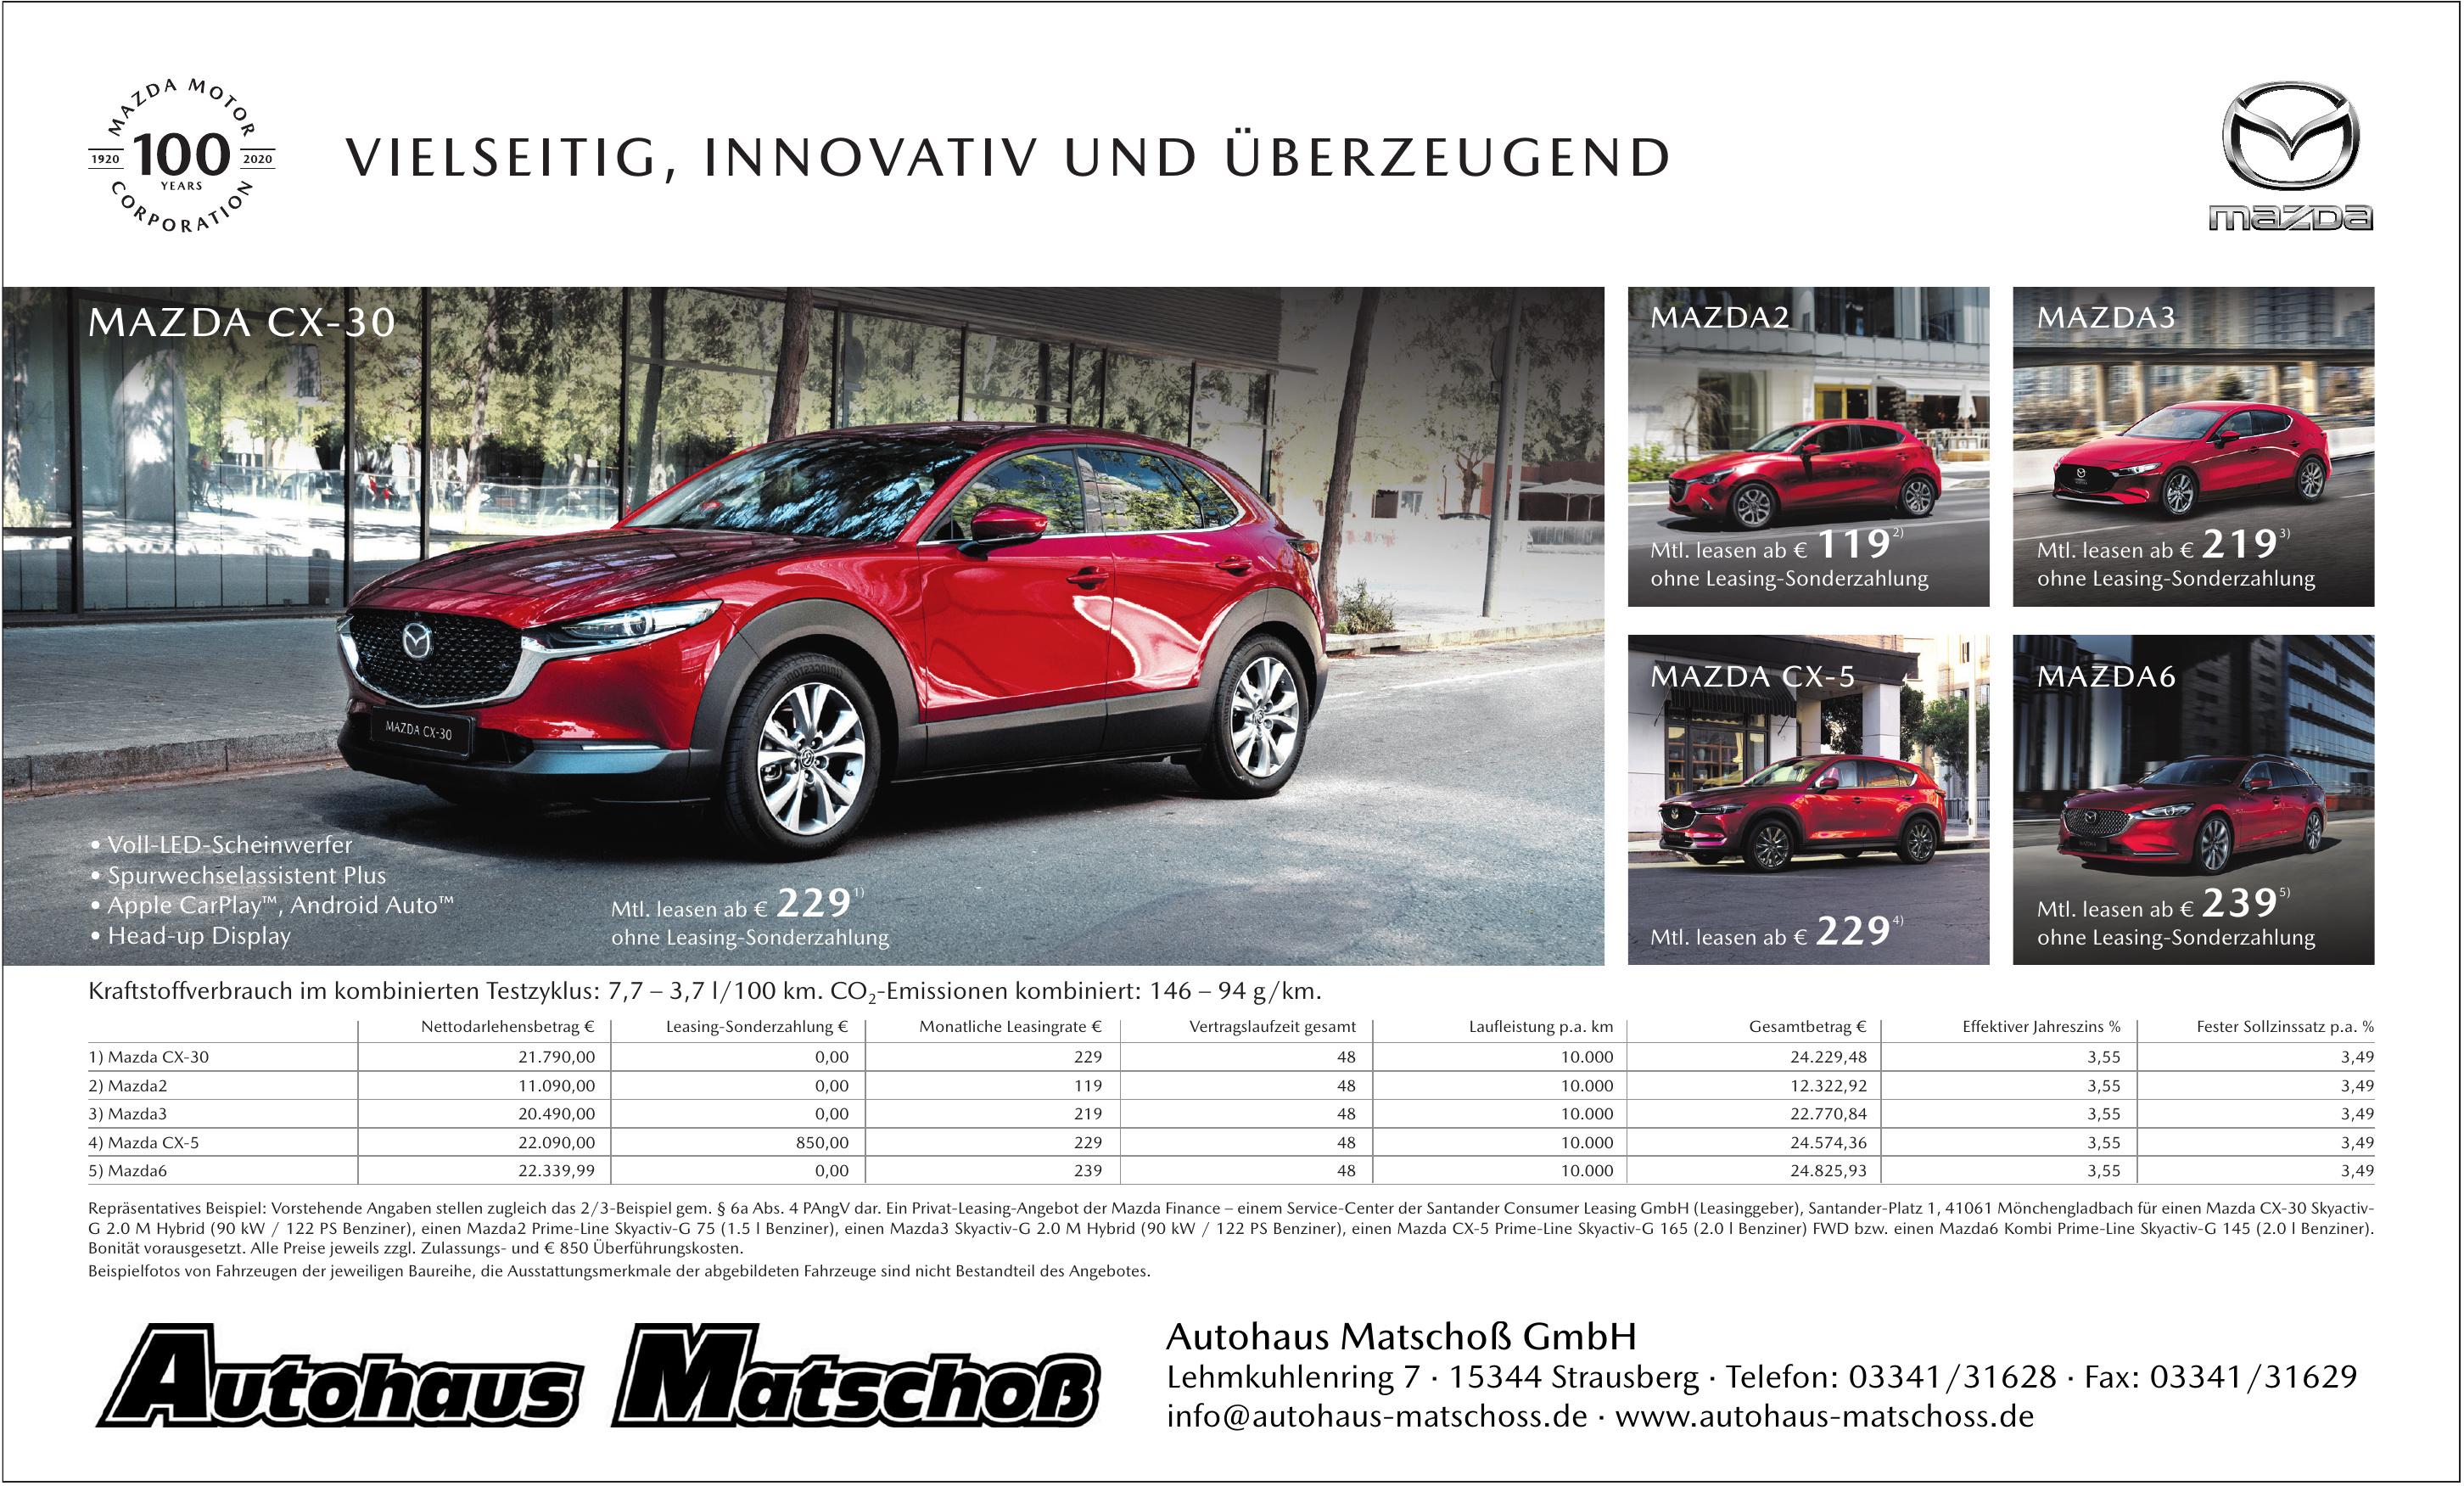 Autohaus Matschoß GmbH